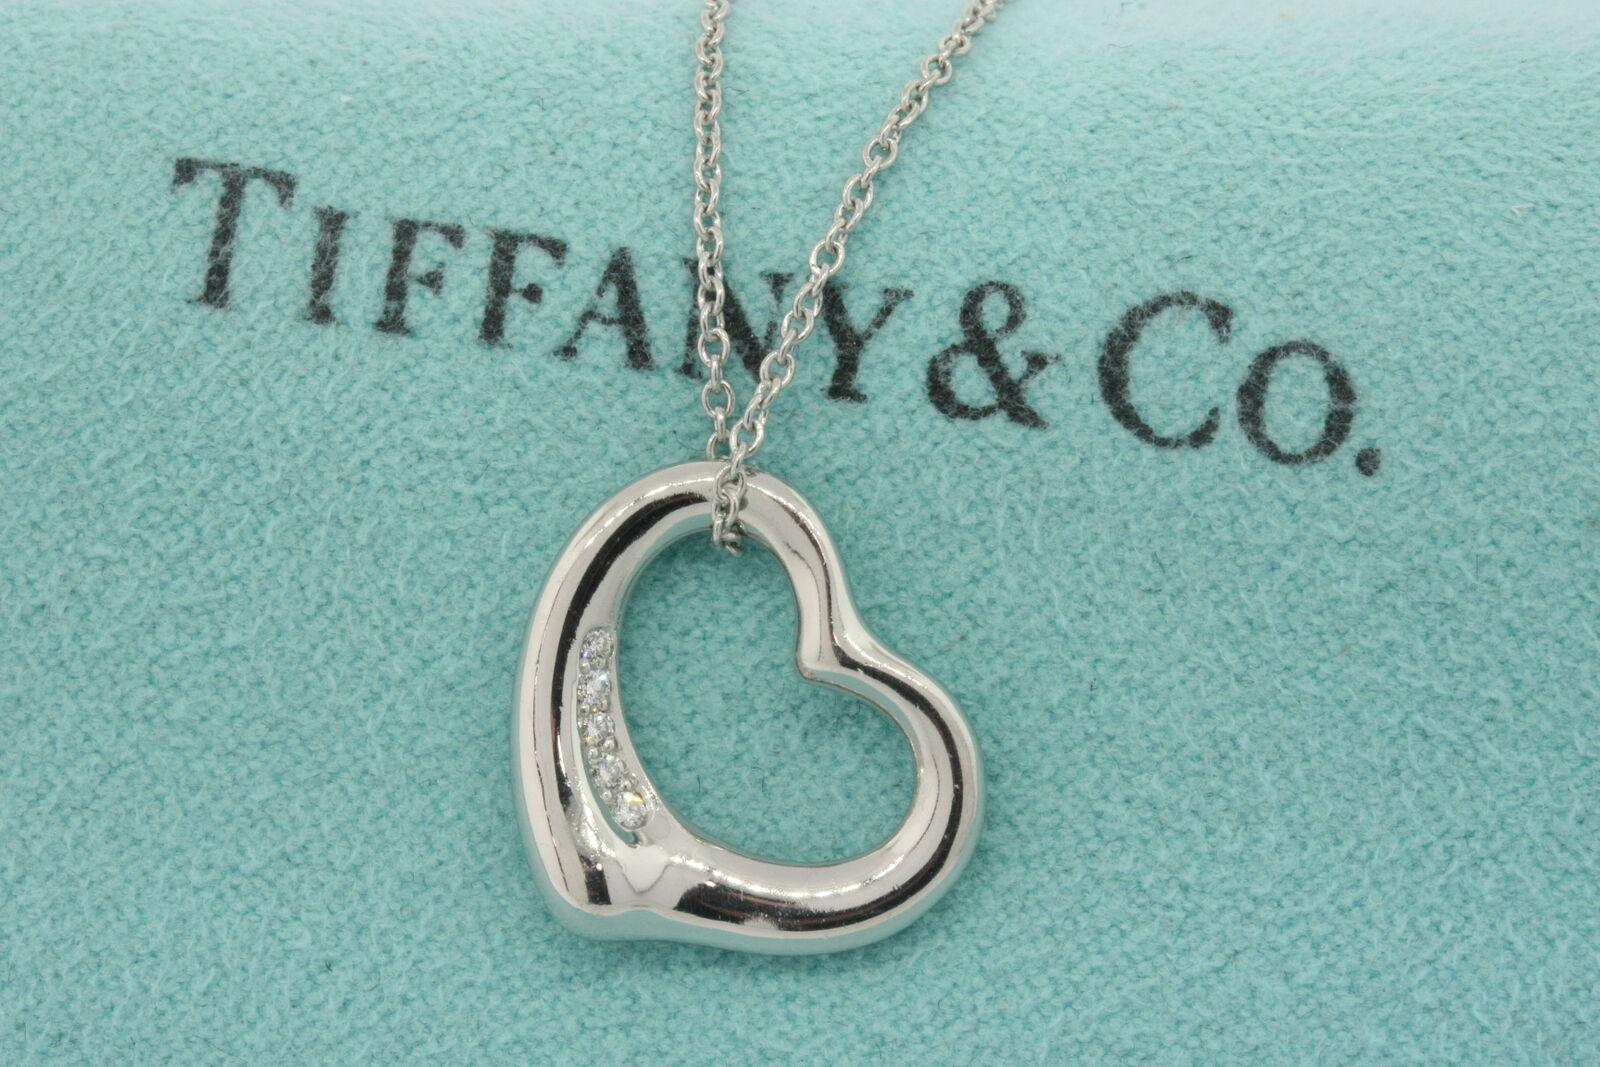 ca1c9275e437b Tiffany & Co. Elsa Peretti Diamond Open Heart Pendant Platinum Small 16